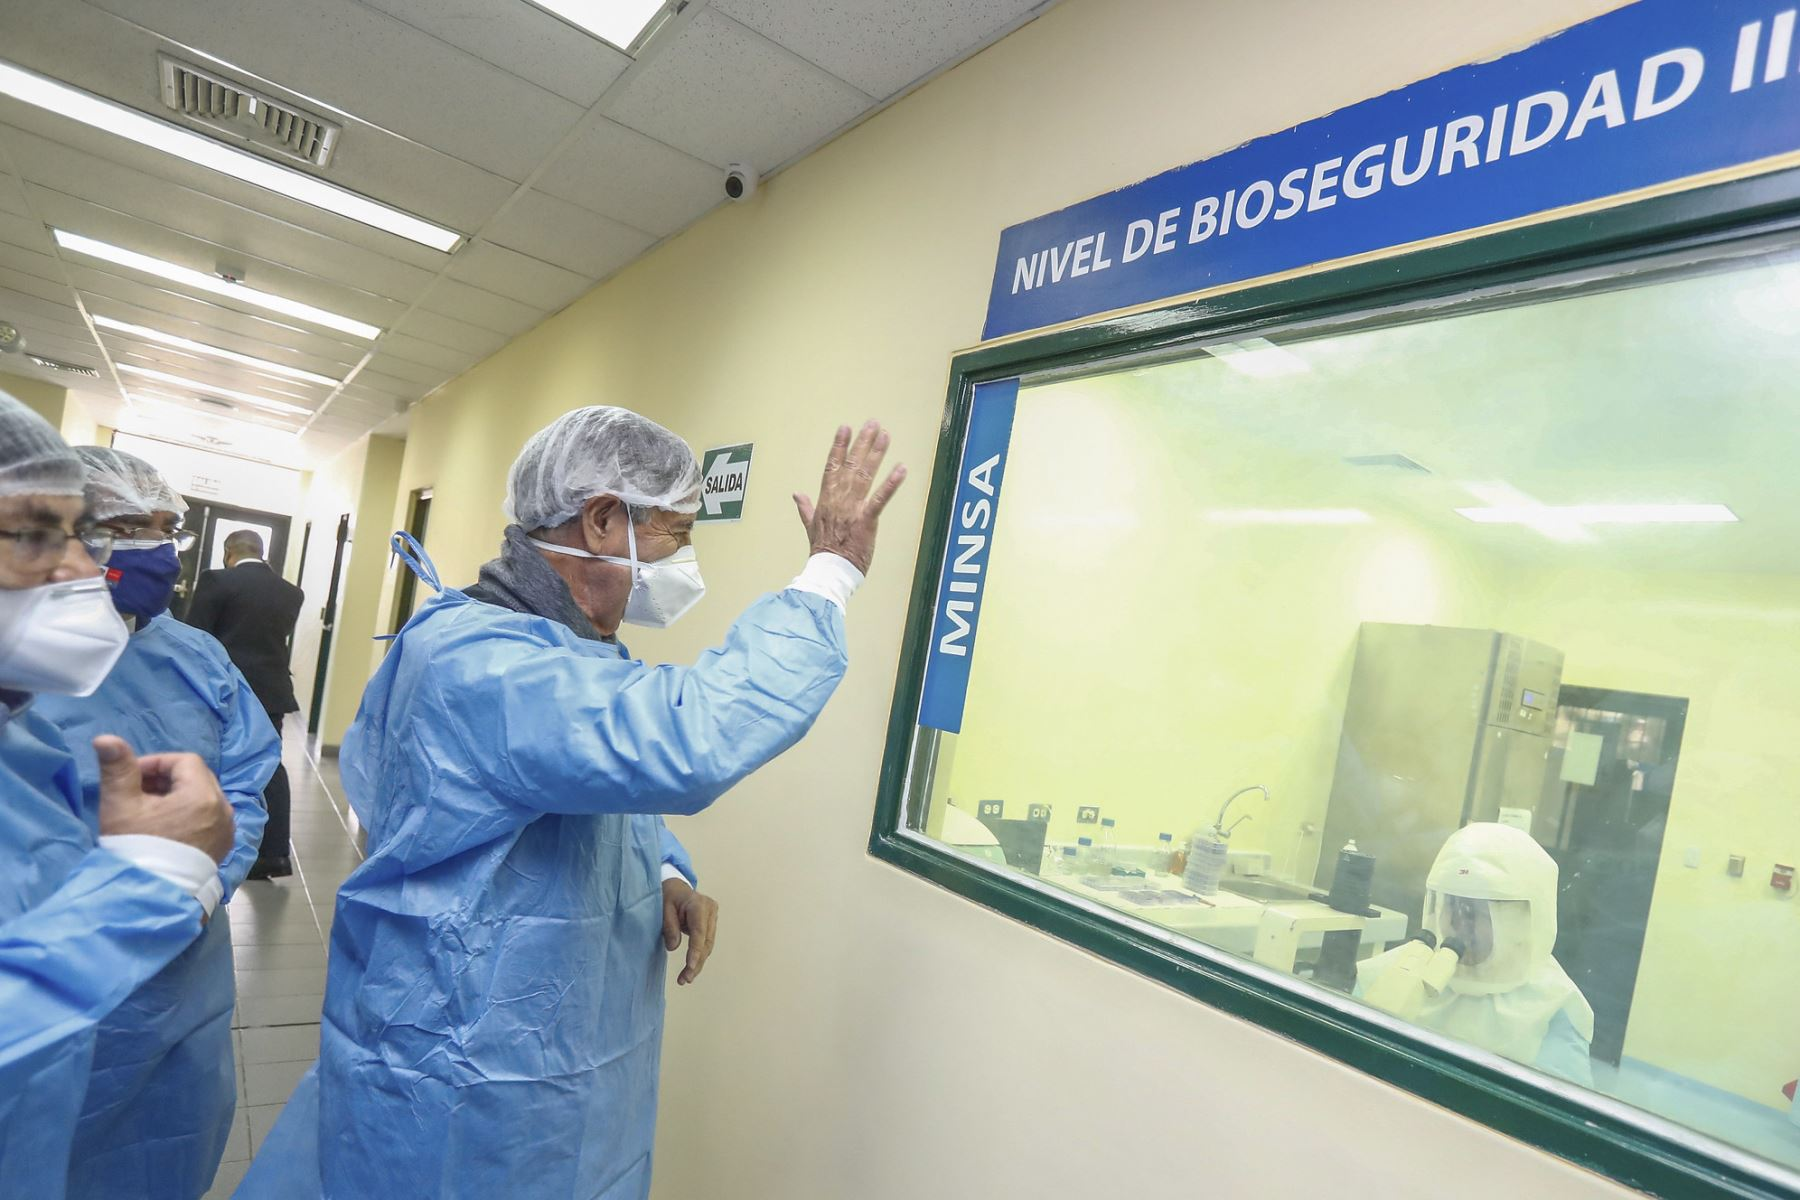 El presidente Francisco Sagasti visita el Laboratorio de Biomedicina del Instituto Nacional de Salud, acompañado por el ministro de Salud, Óscar Ugarte y el jefe del Instituto Nacional de Salud, Víctor Suárez Moreno. Foto: ANDINA/Prensa Presidencia